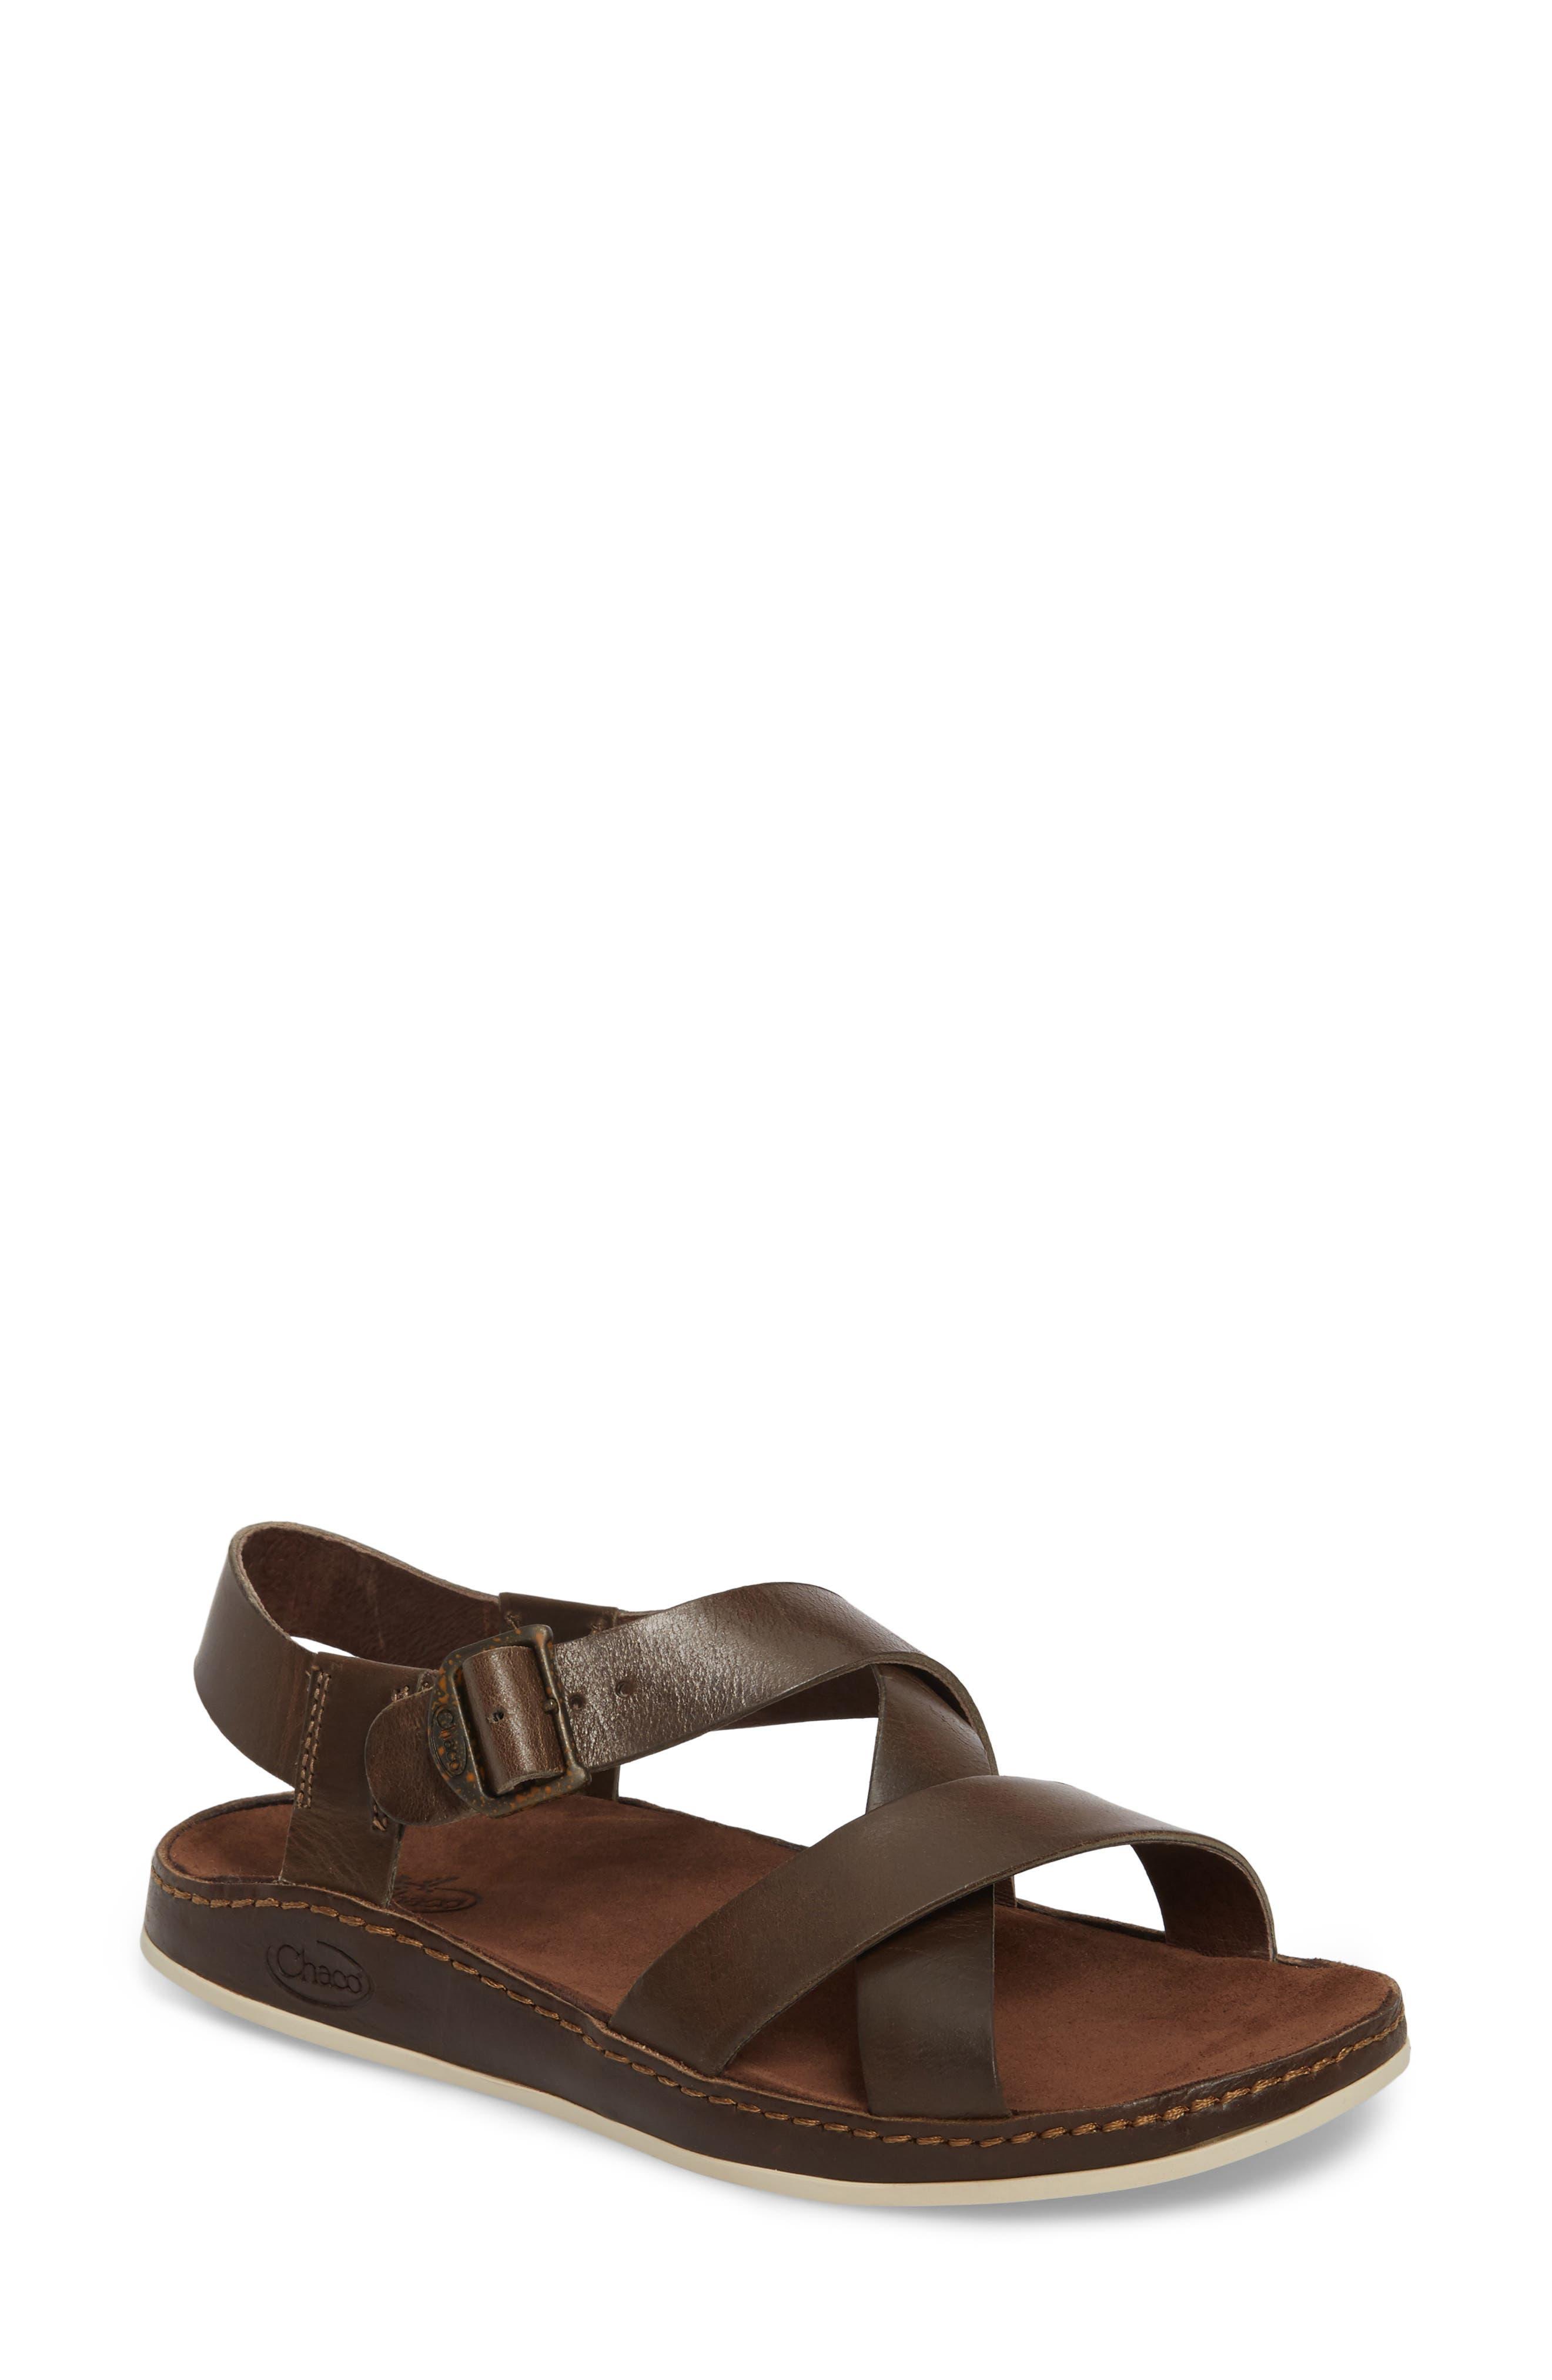 Wayfarer Strappy Sandal